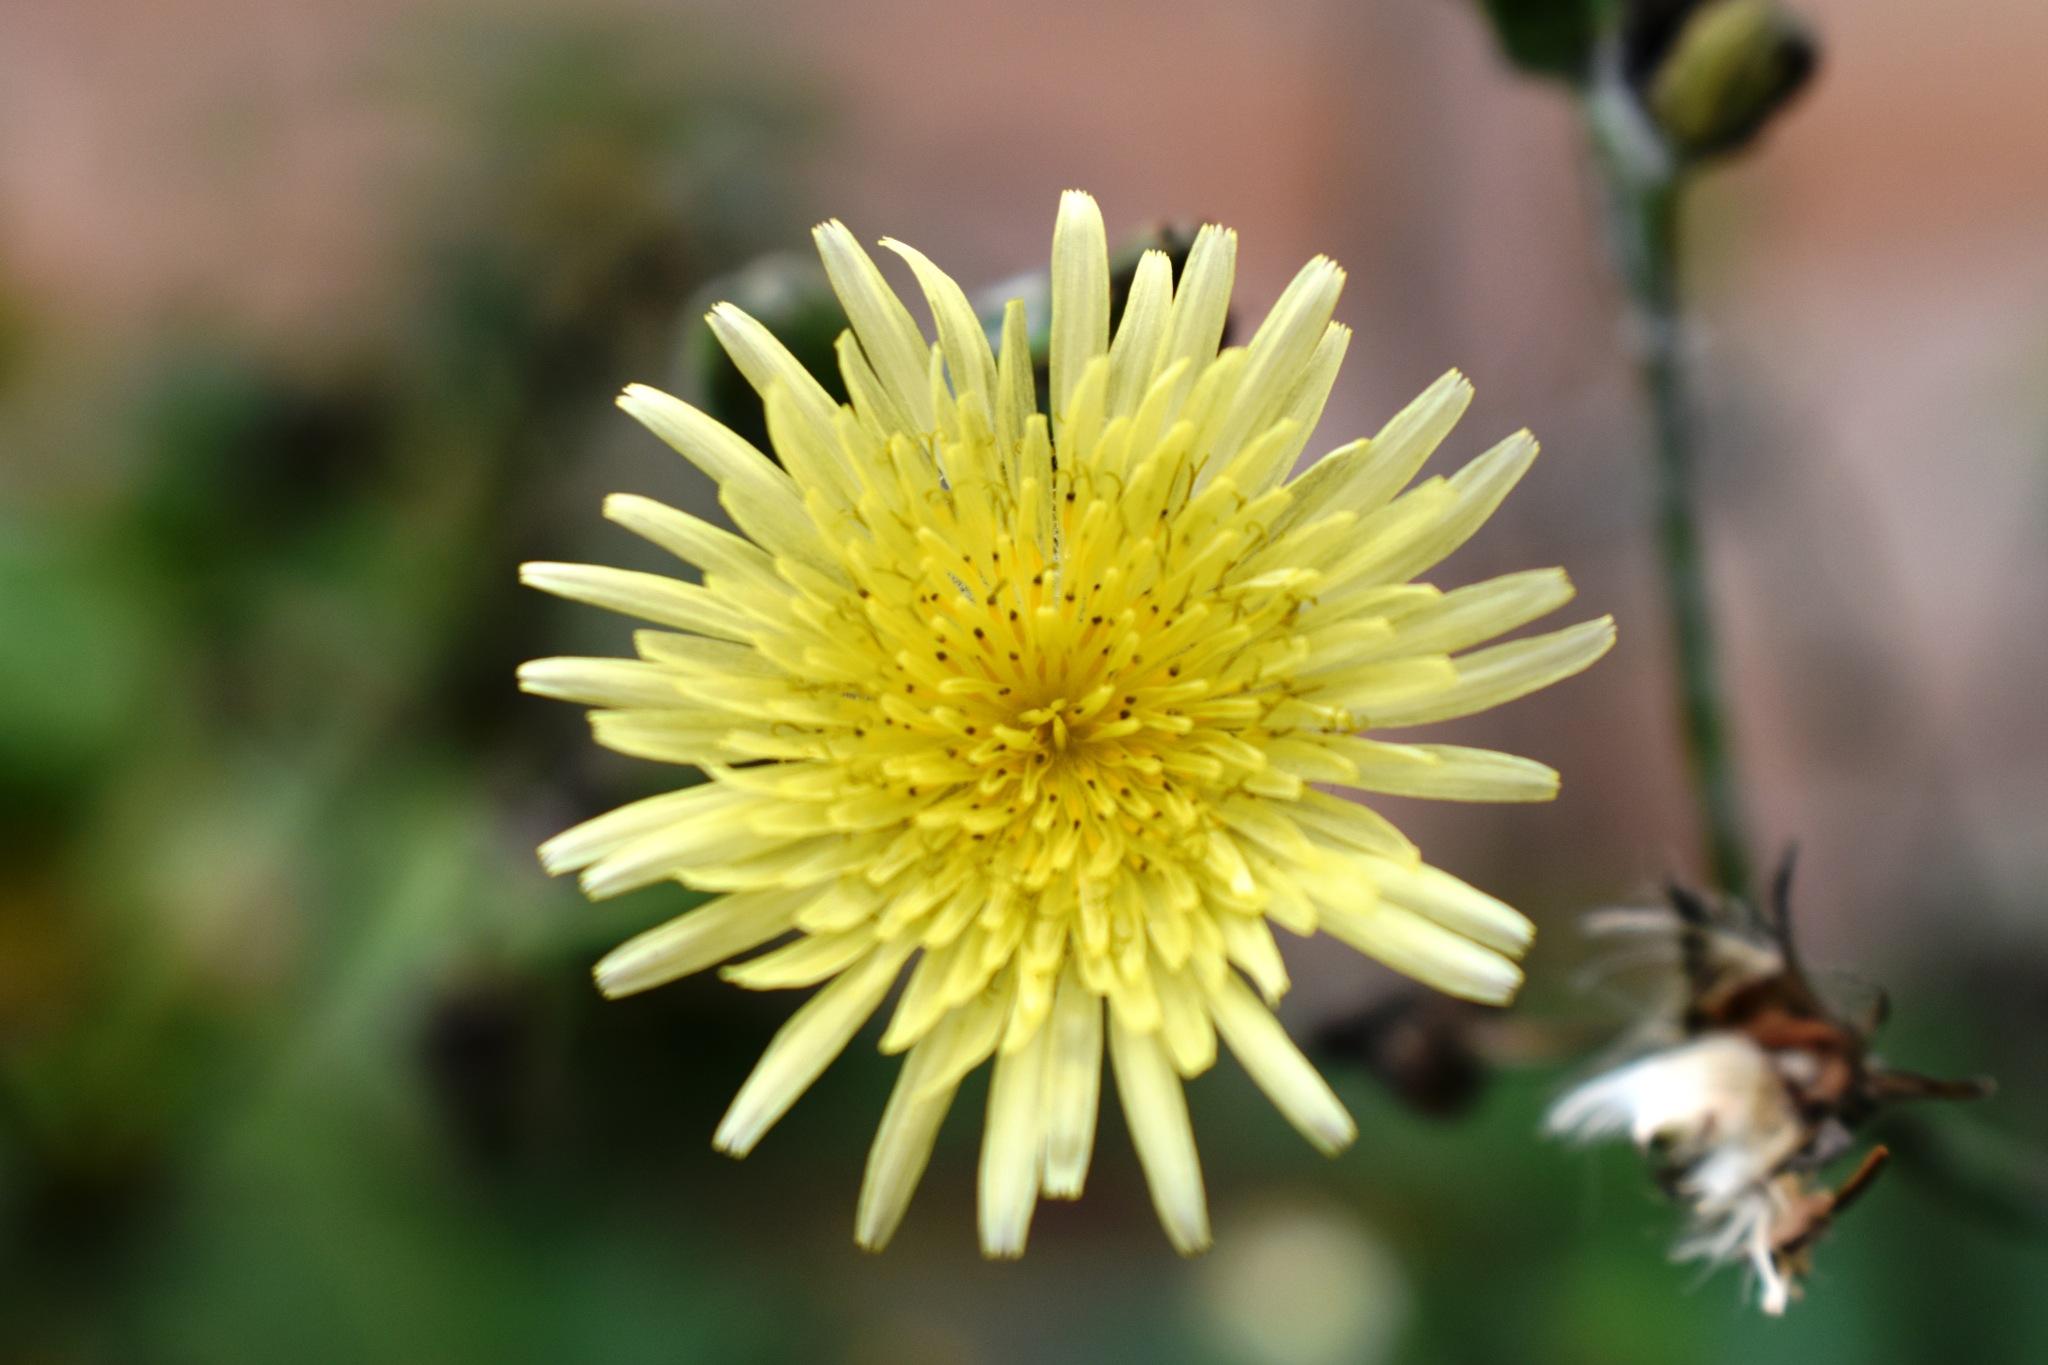 A pretty yellow flower by Stephen Ashdown